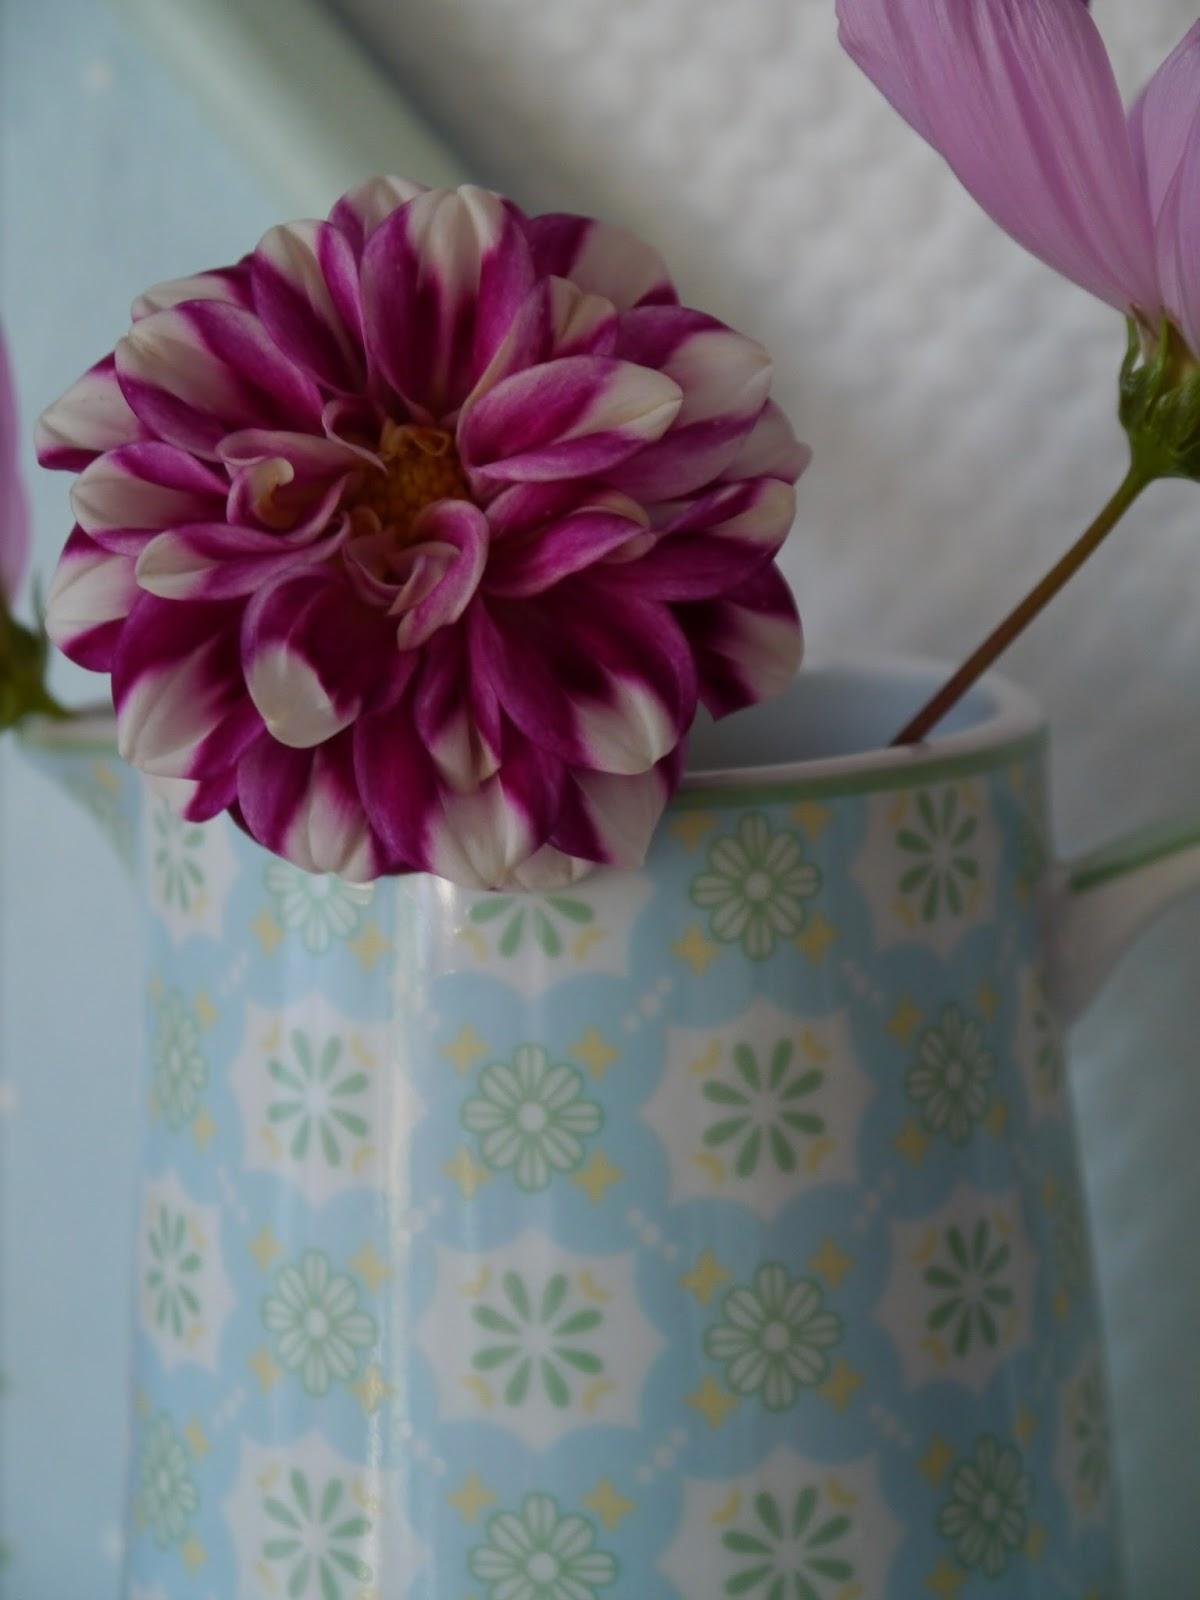 Lila lavendel kleiner deko rappel - Kleiner liegestuhl deko ...